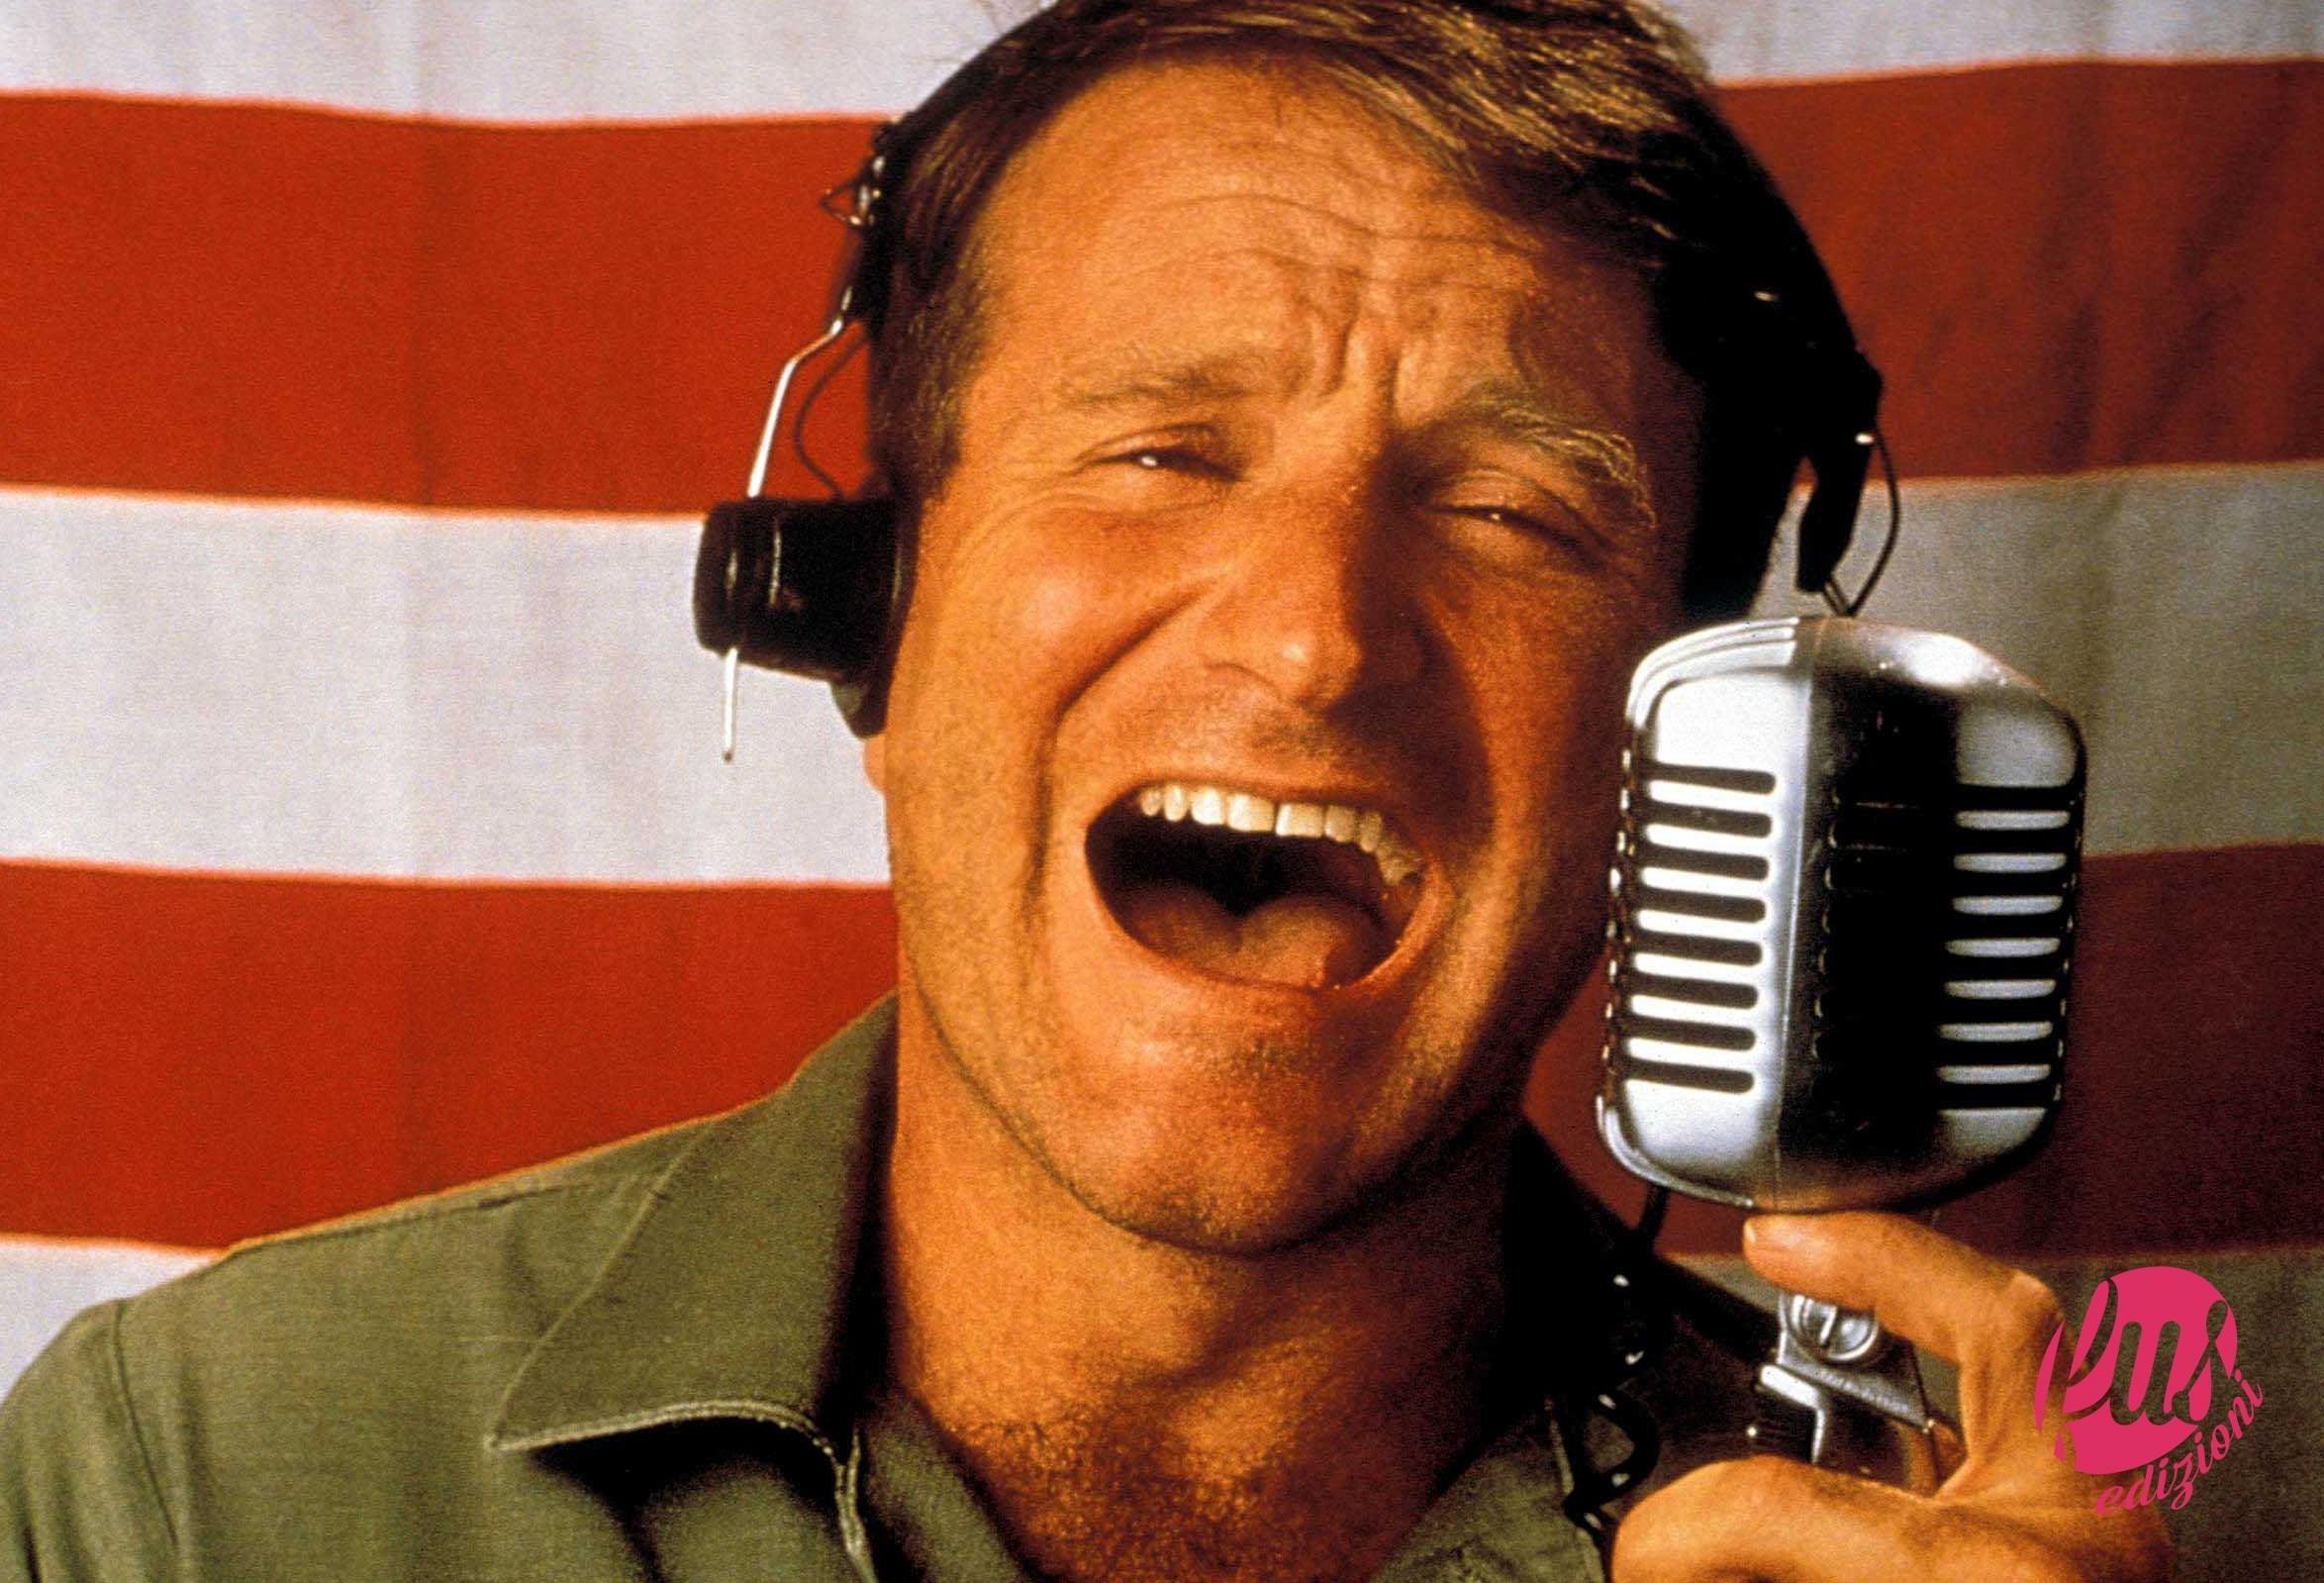 Robin-Williams-Good-Morning-Vietnam